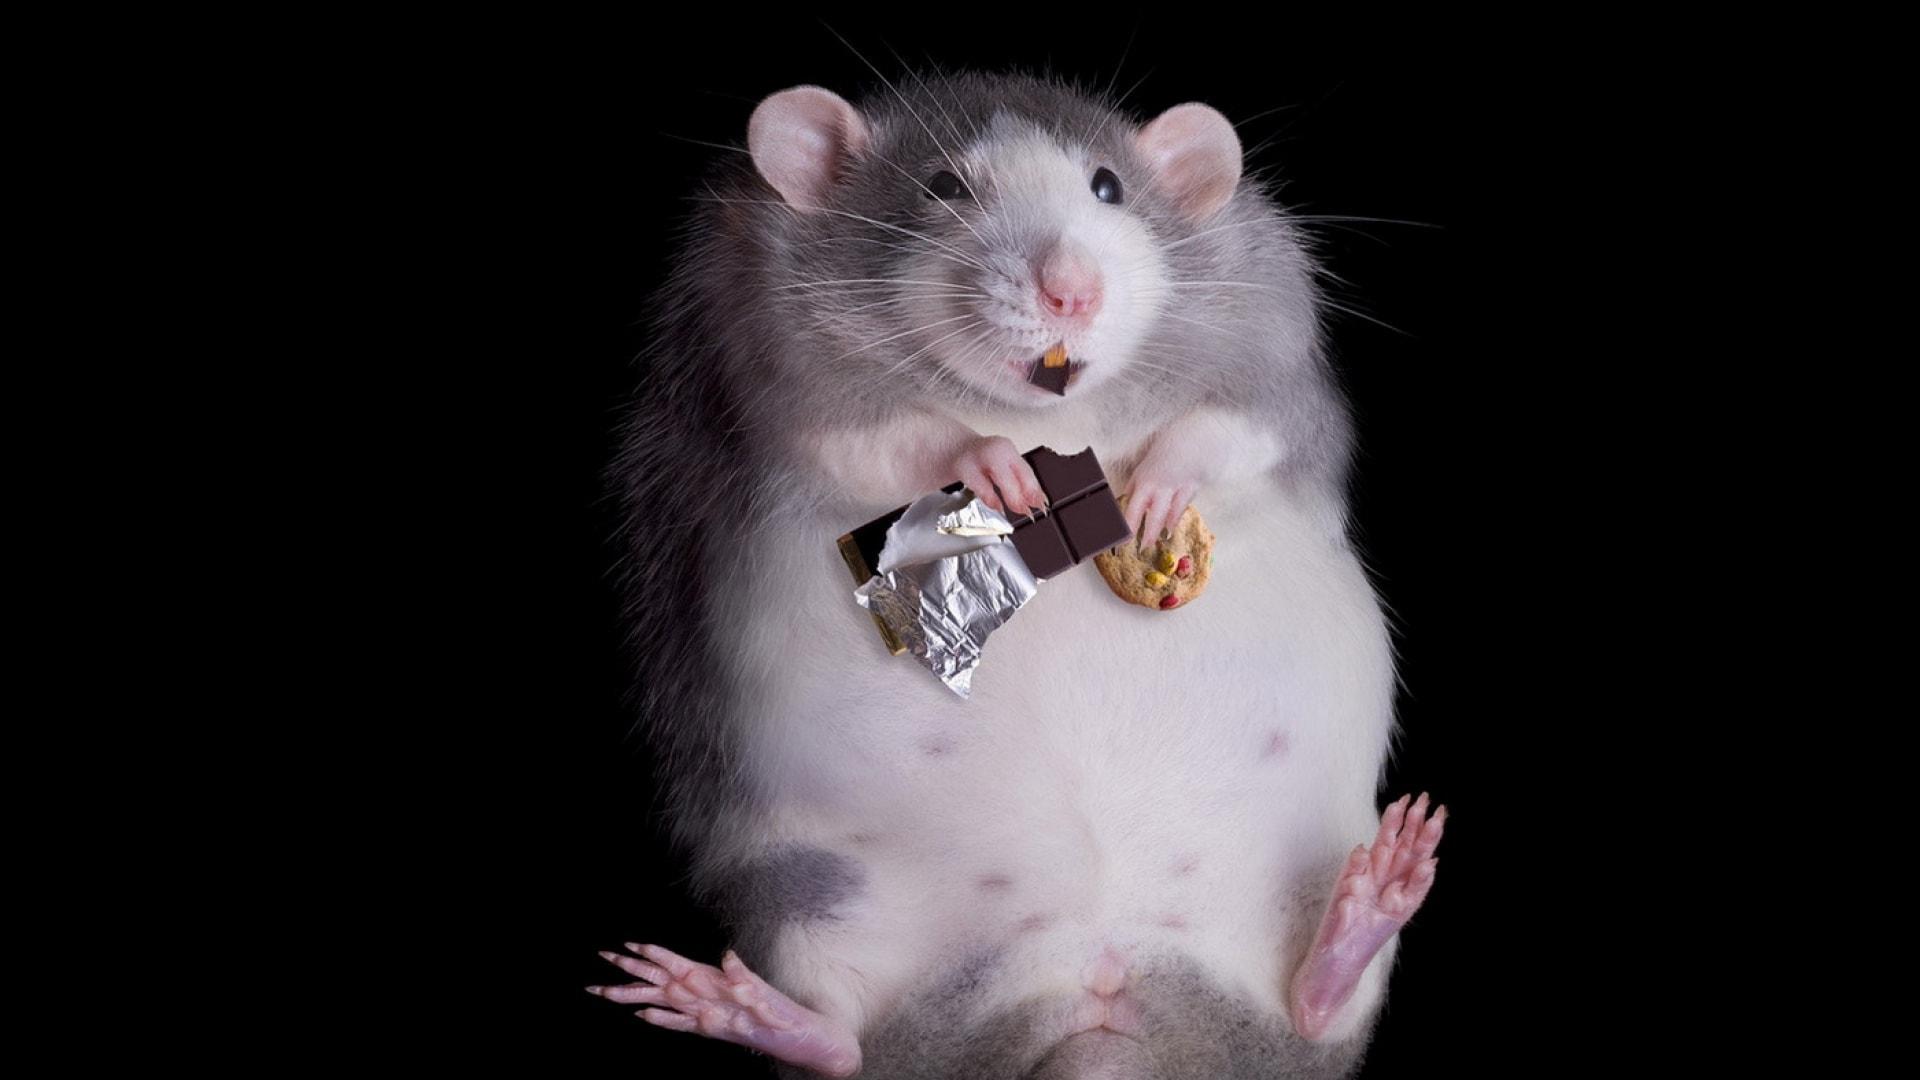 Rat Free